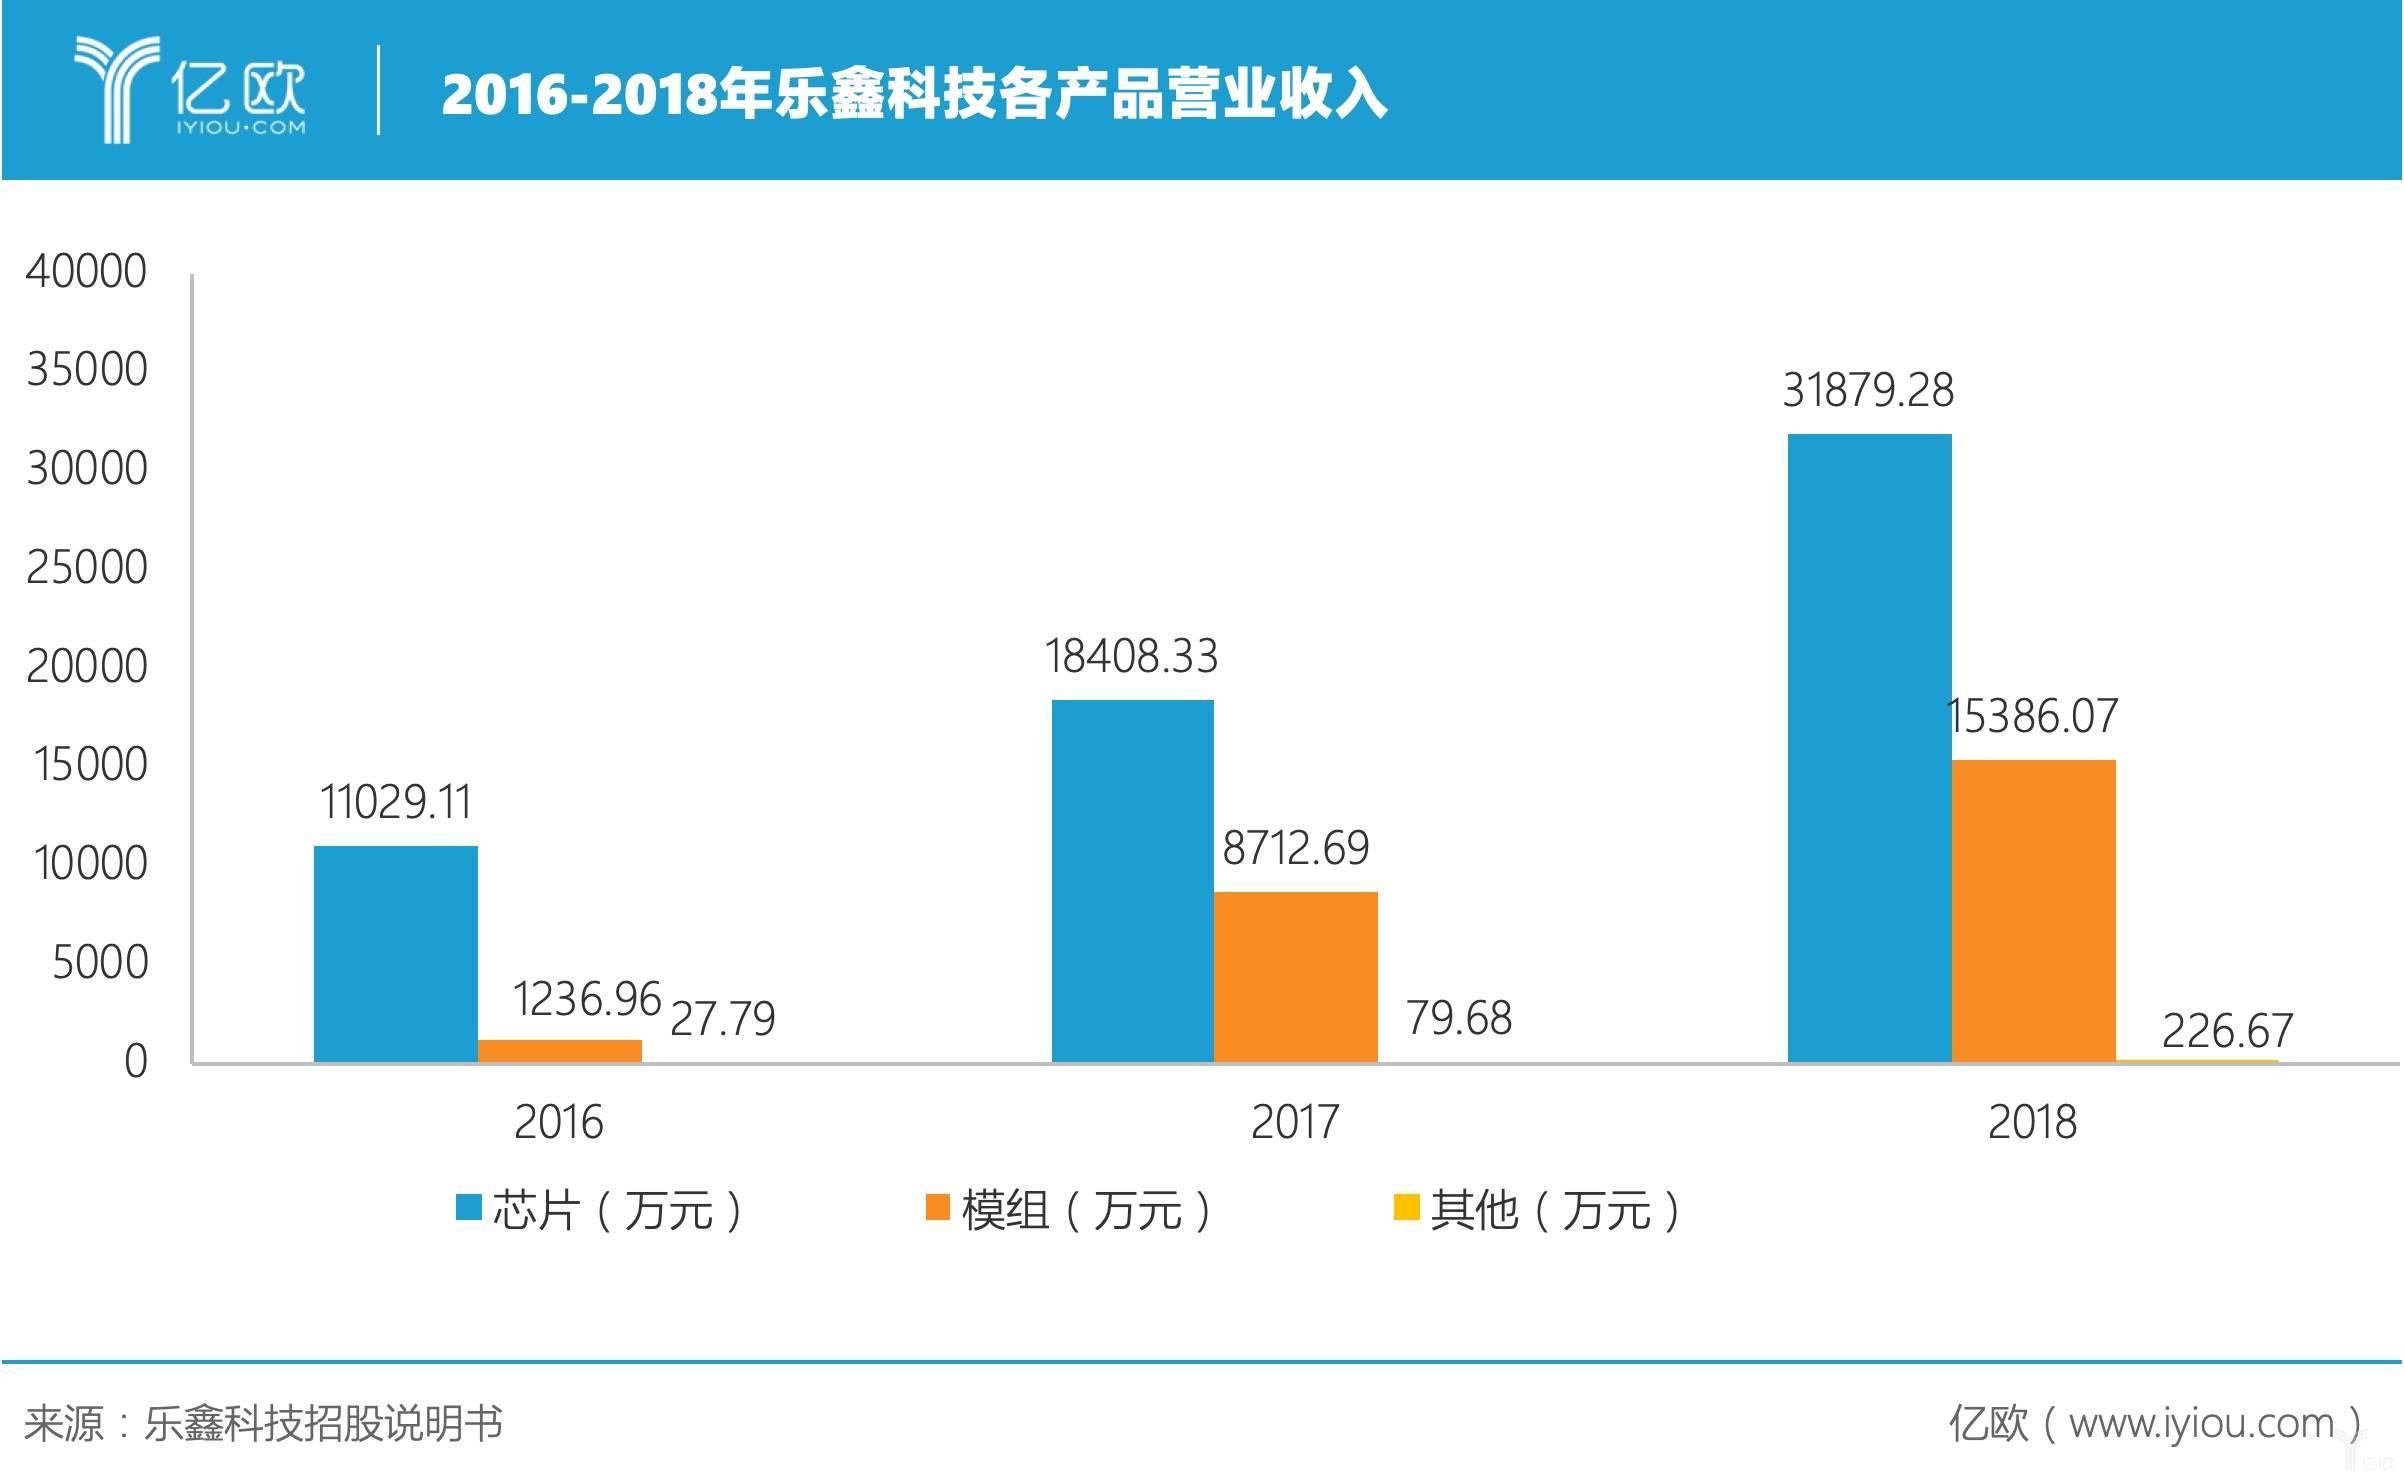 2016-2018年乐鑫科技各产品营业收入.jpeg